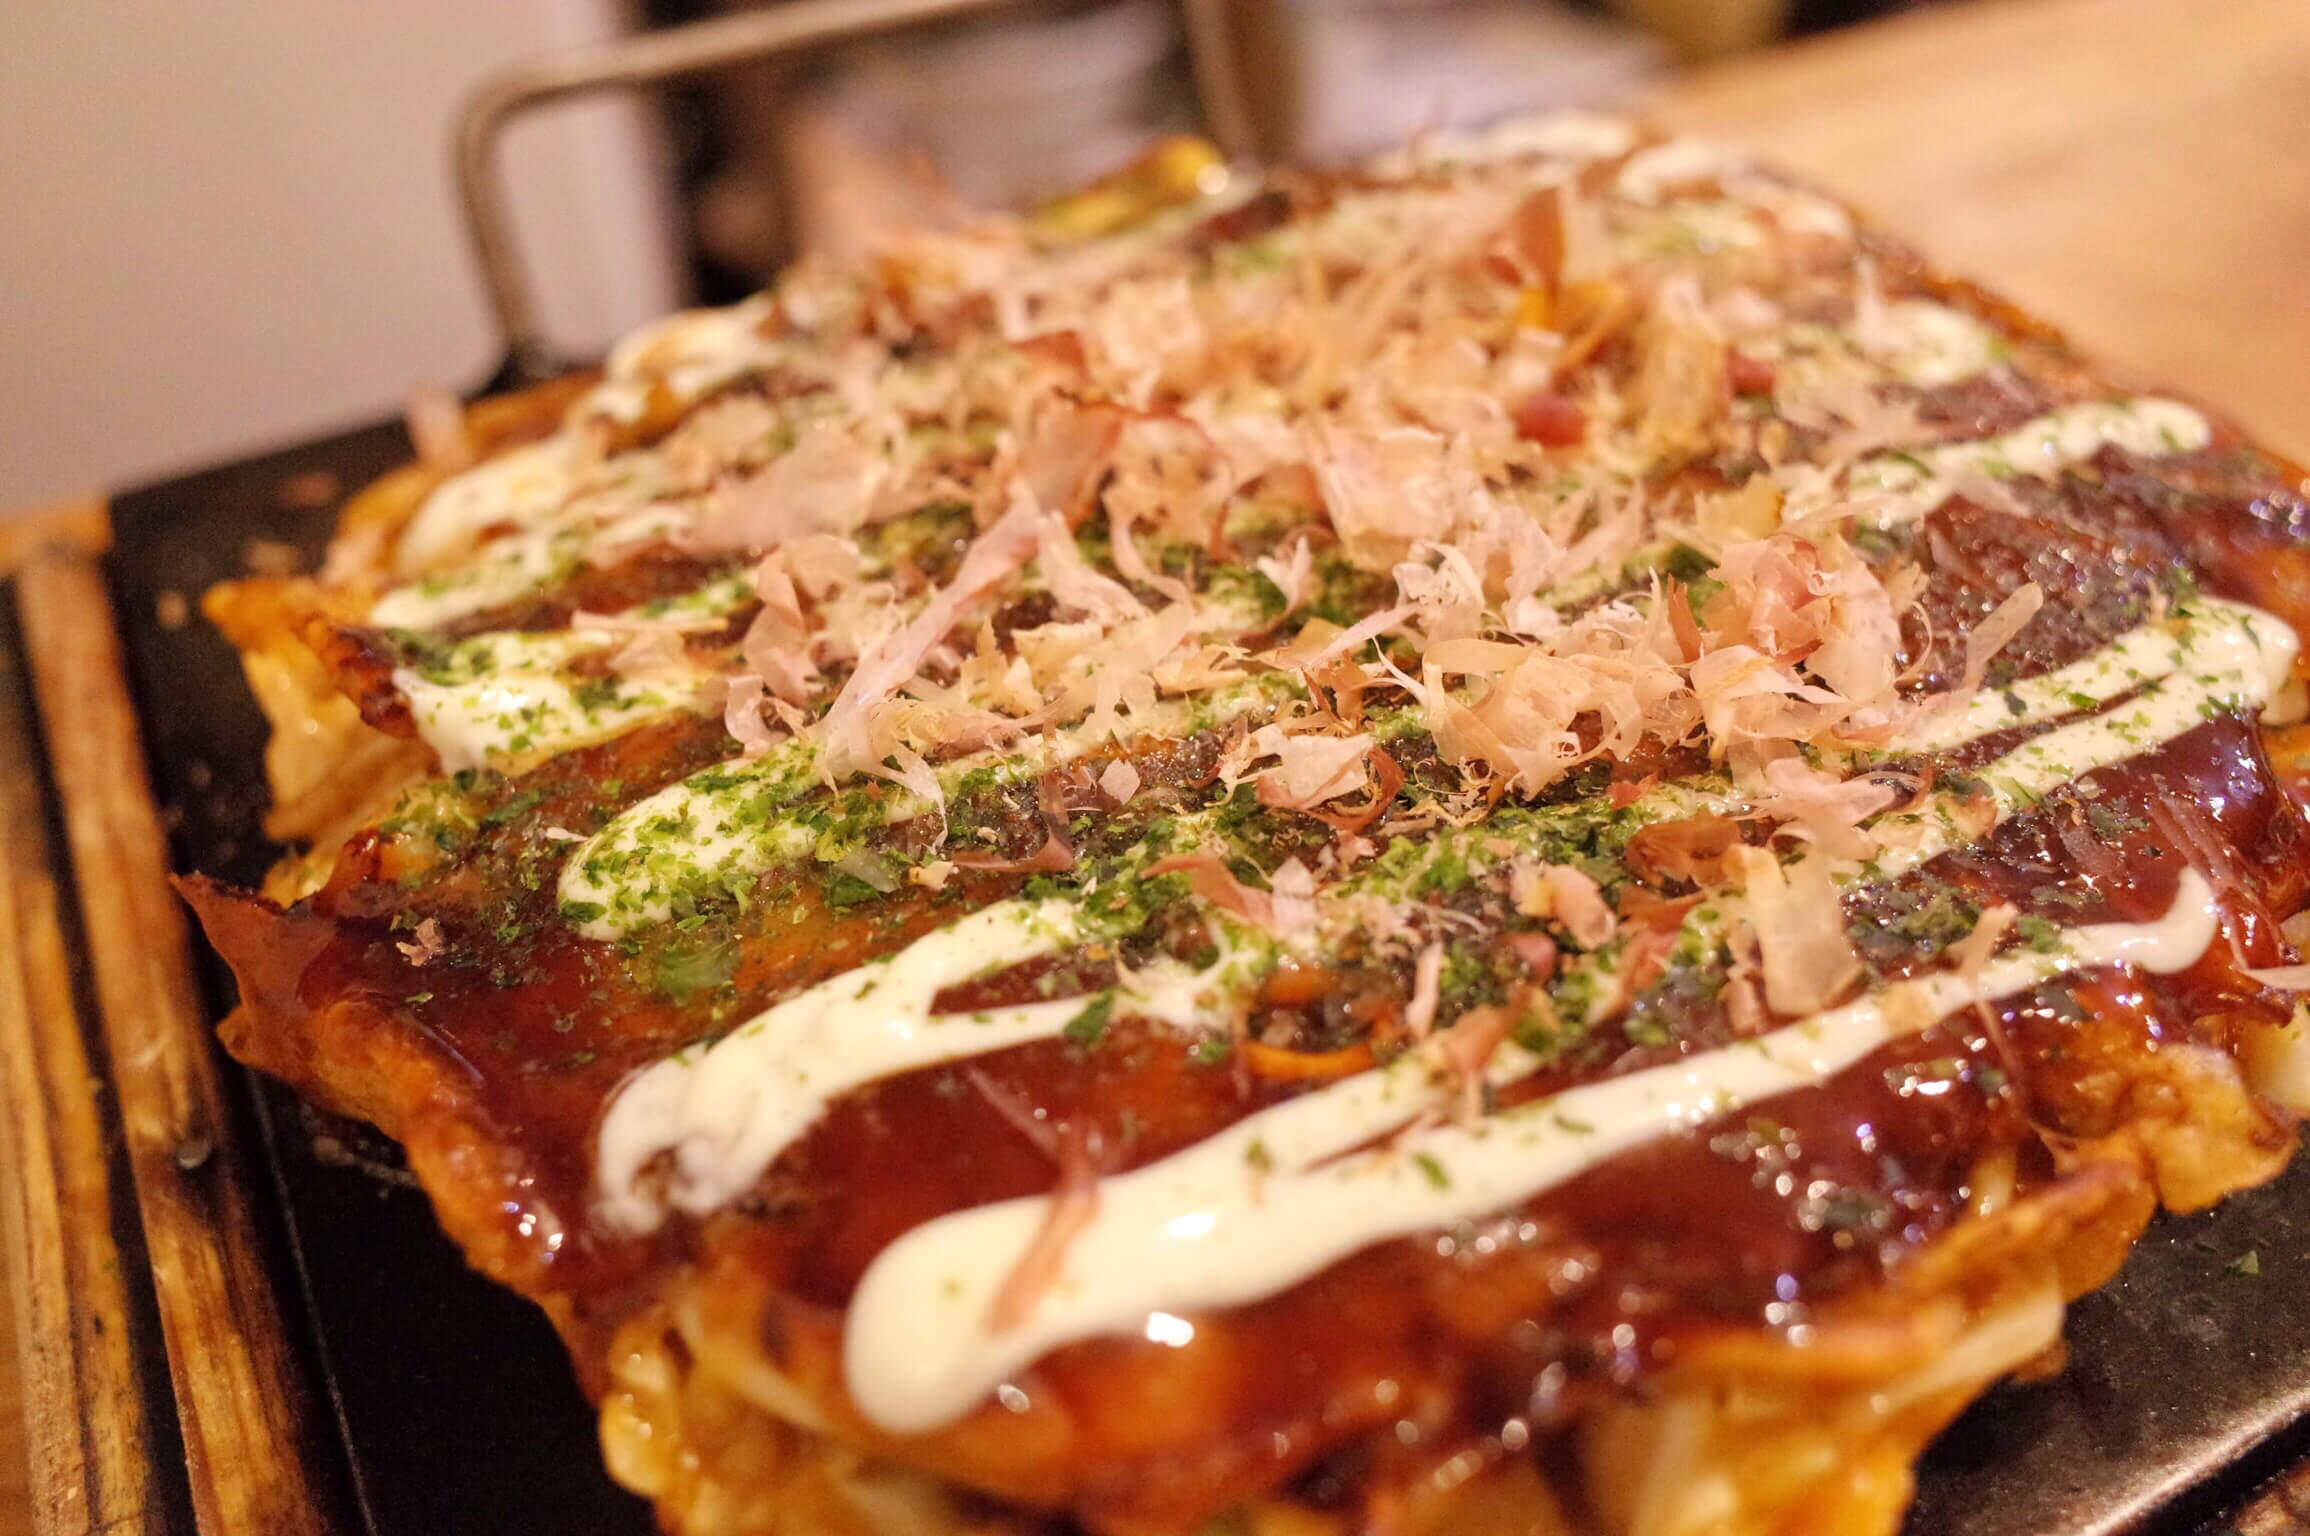 京橋でお好み焼きを食べるなら「花」の四角いミックスモダン焼きがおすすめ!